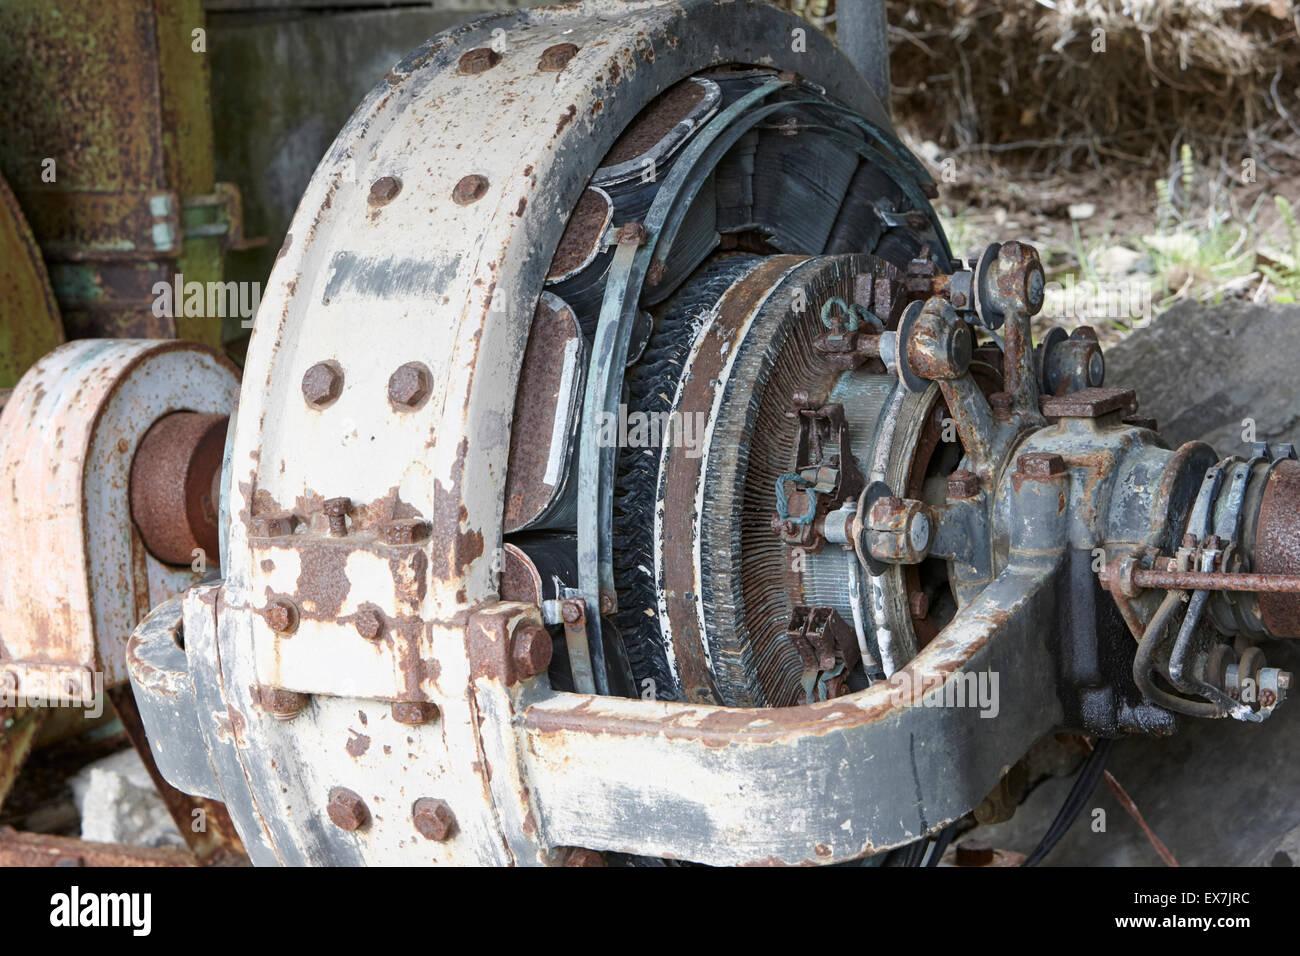 Matériel de production d'électricité dans l'ancienne petite station hydro-électrique Photo Stock